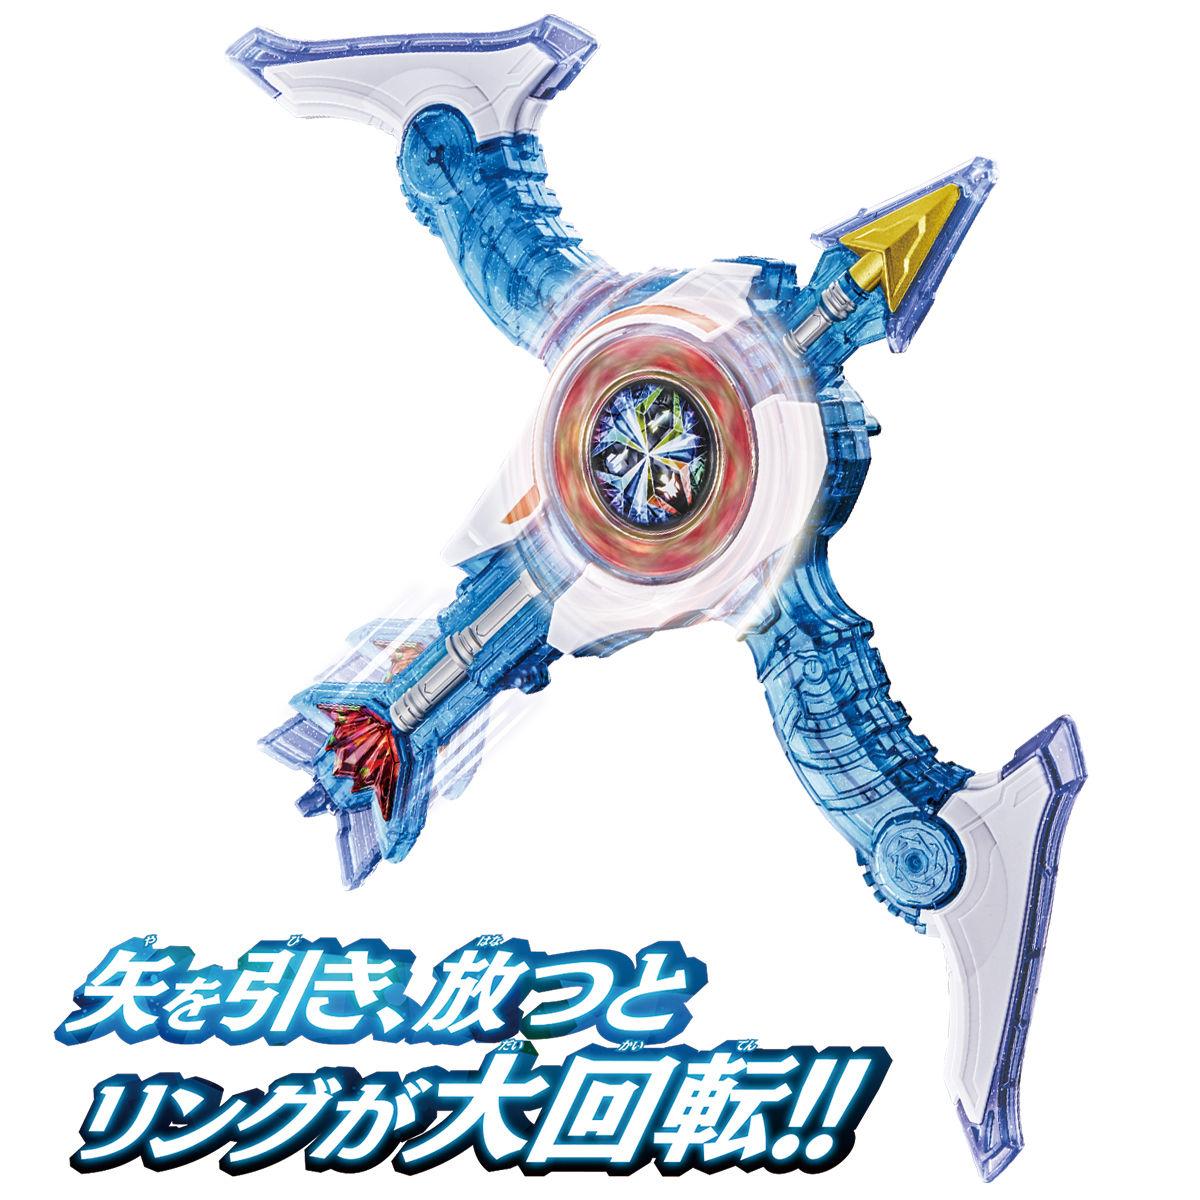 魔進戦隊キラメイジャー『最煌弓 DXキラフルゴーアロー』ゴーキラメイジャー 変身なりきり-002